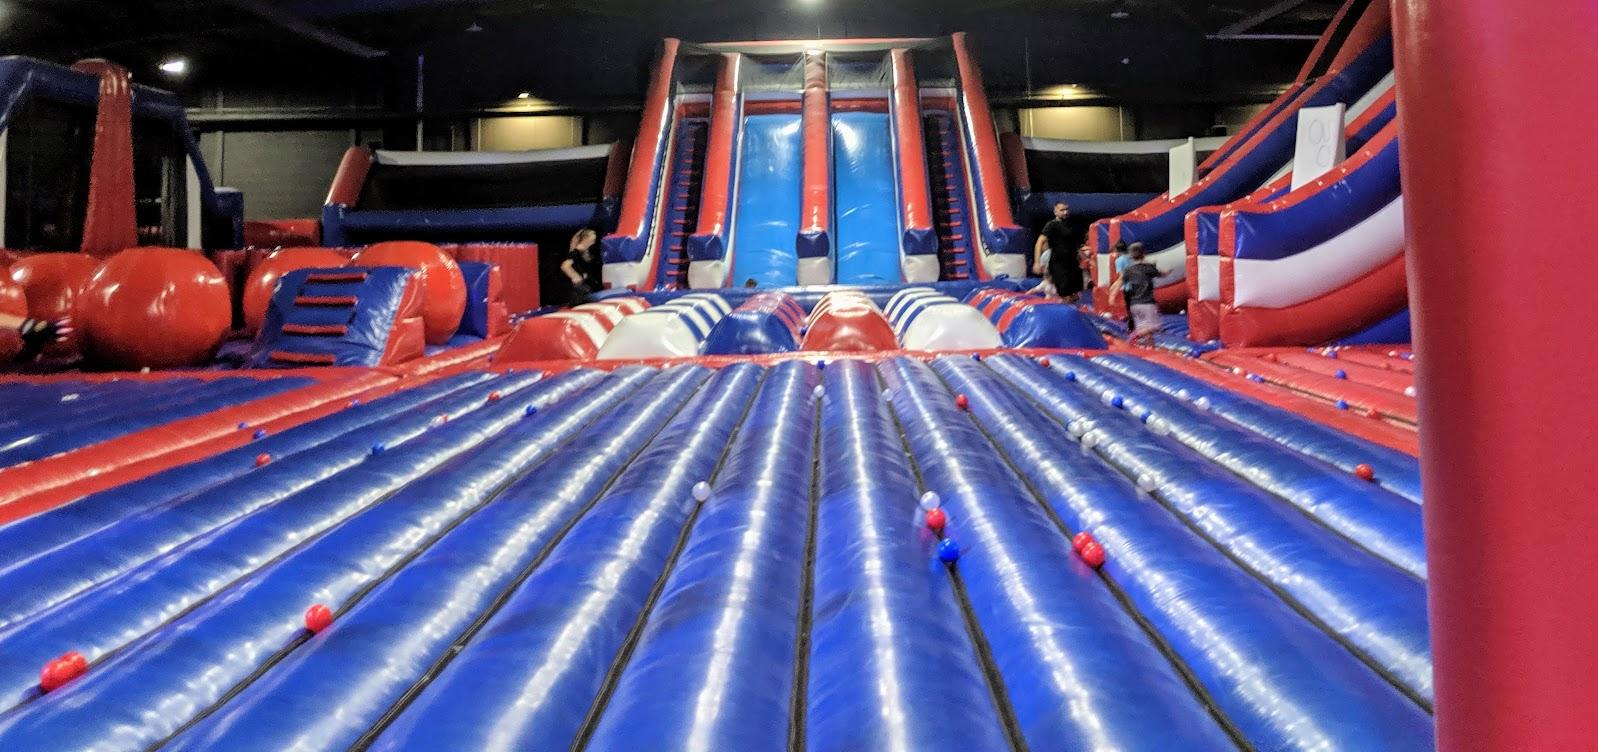 Ninja Warrior Adventure Park Wigan Review  - inflatable park